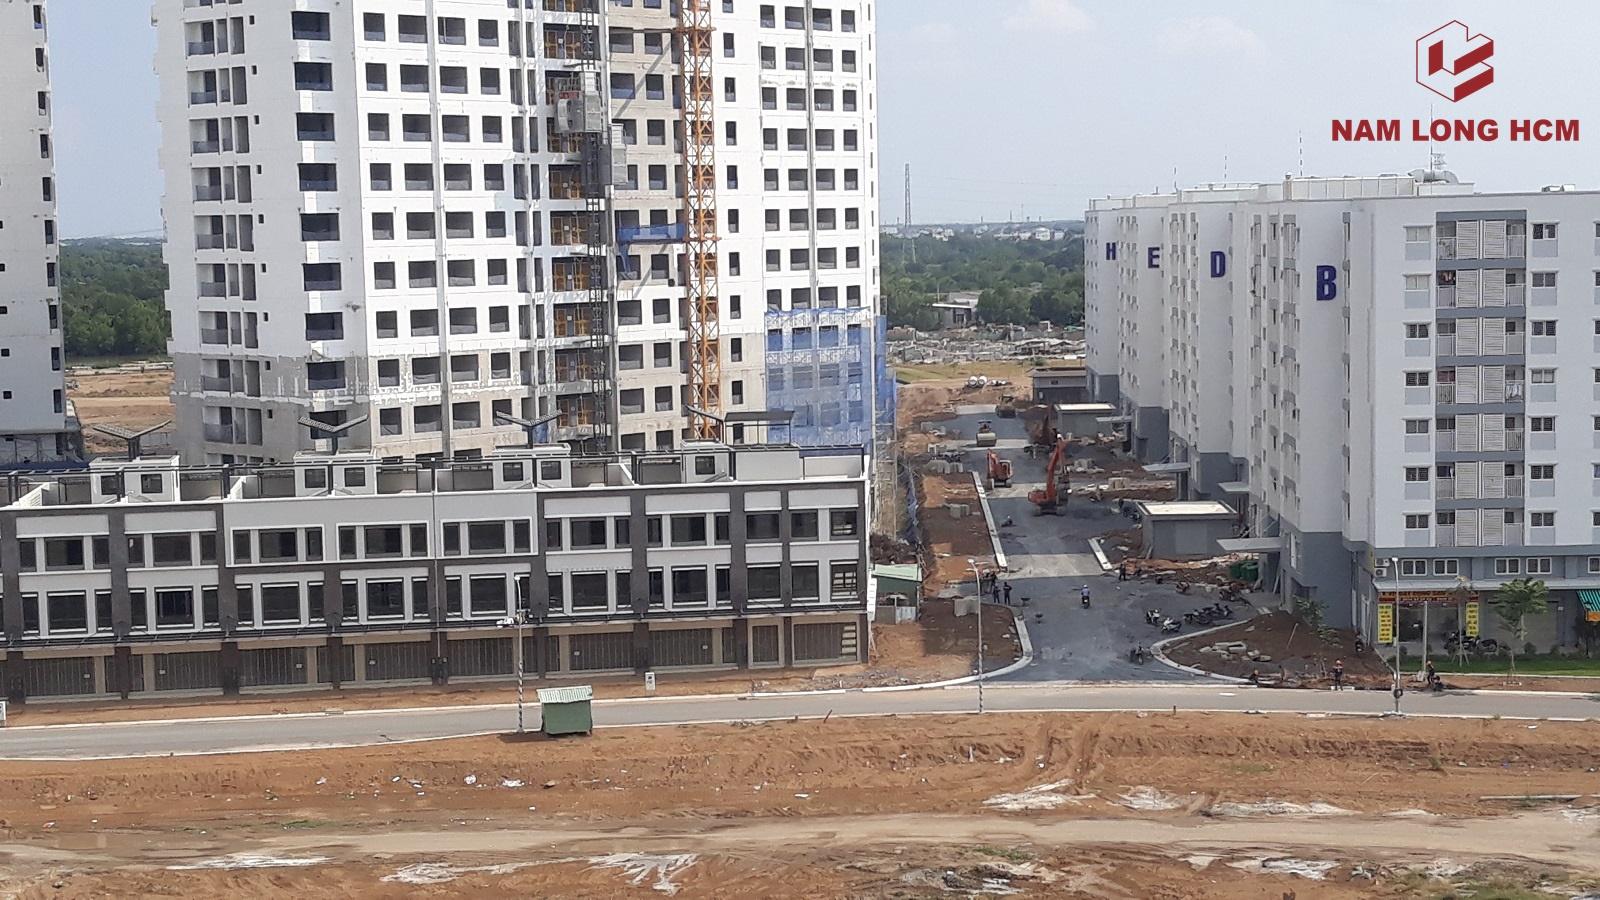 Tuyến đường N4 nằm giữa chung cư Ehome Nam Sài Gòn và cụm Block MP3,4,5 đang thi công. Ảnh: Nam Long HCM